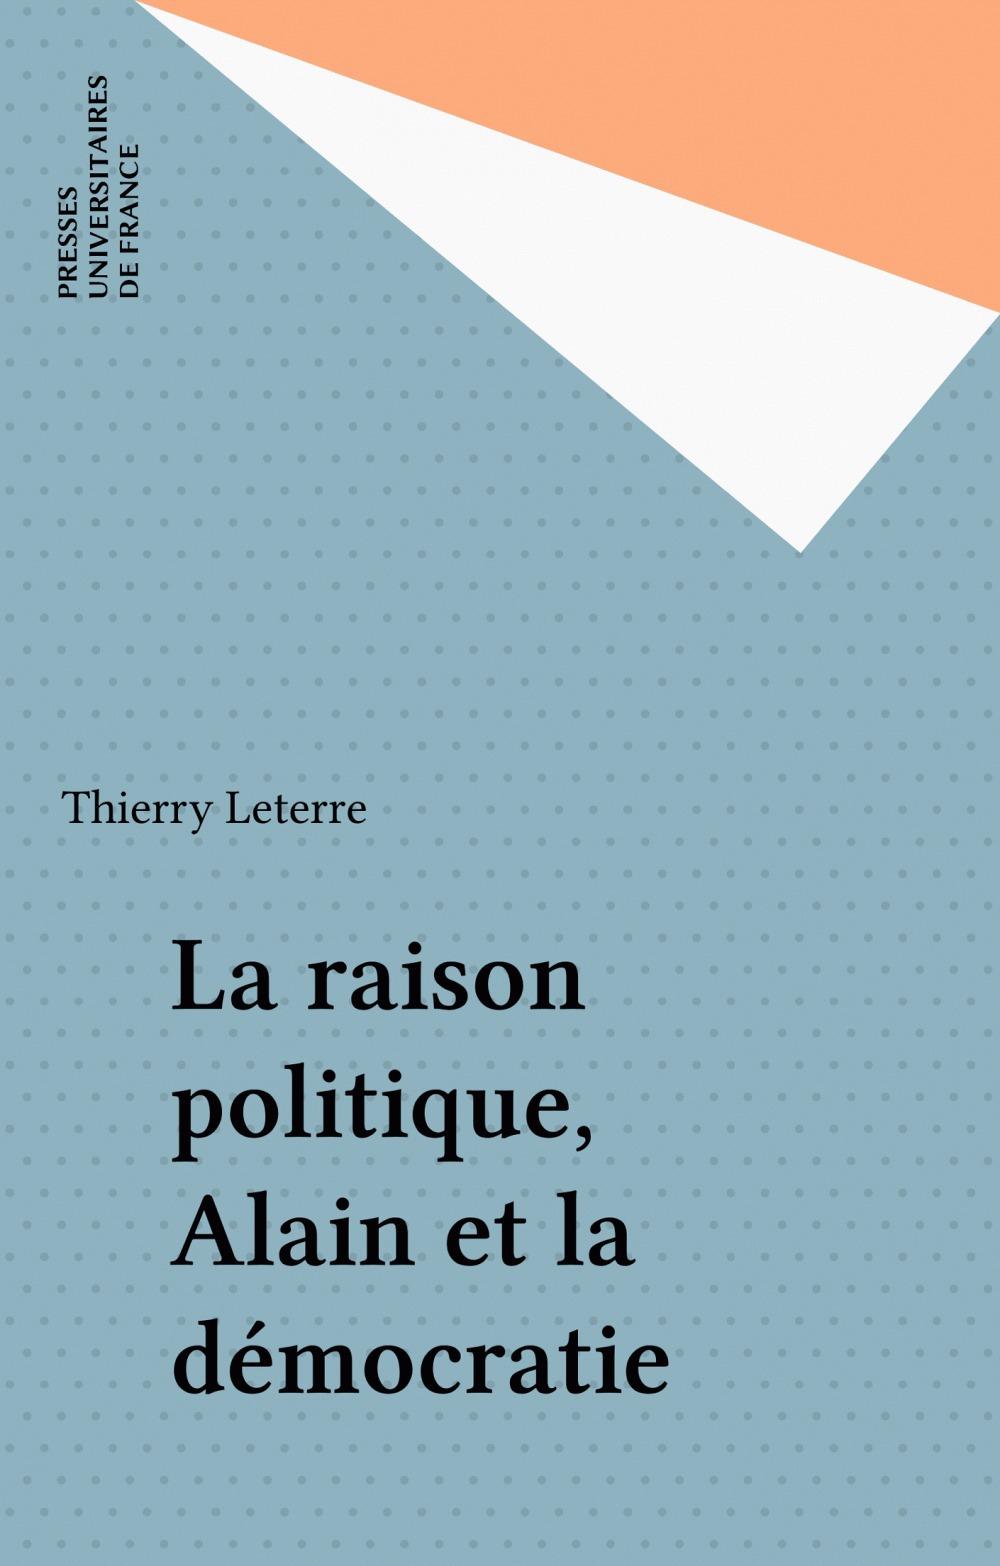 La raison politique, Alain et la démocratie